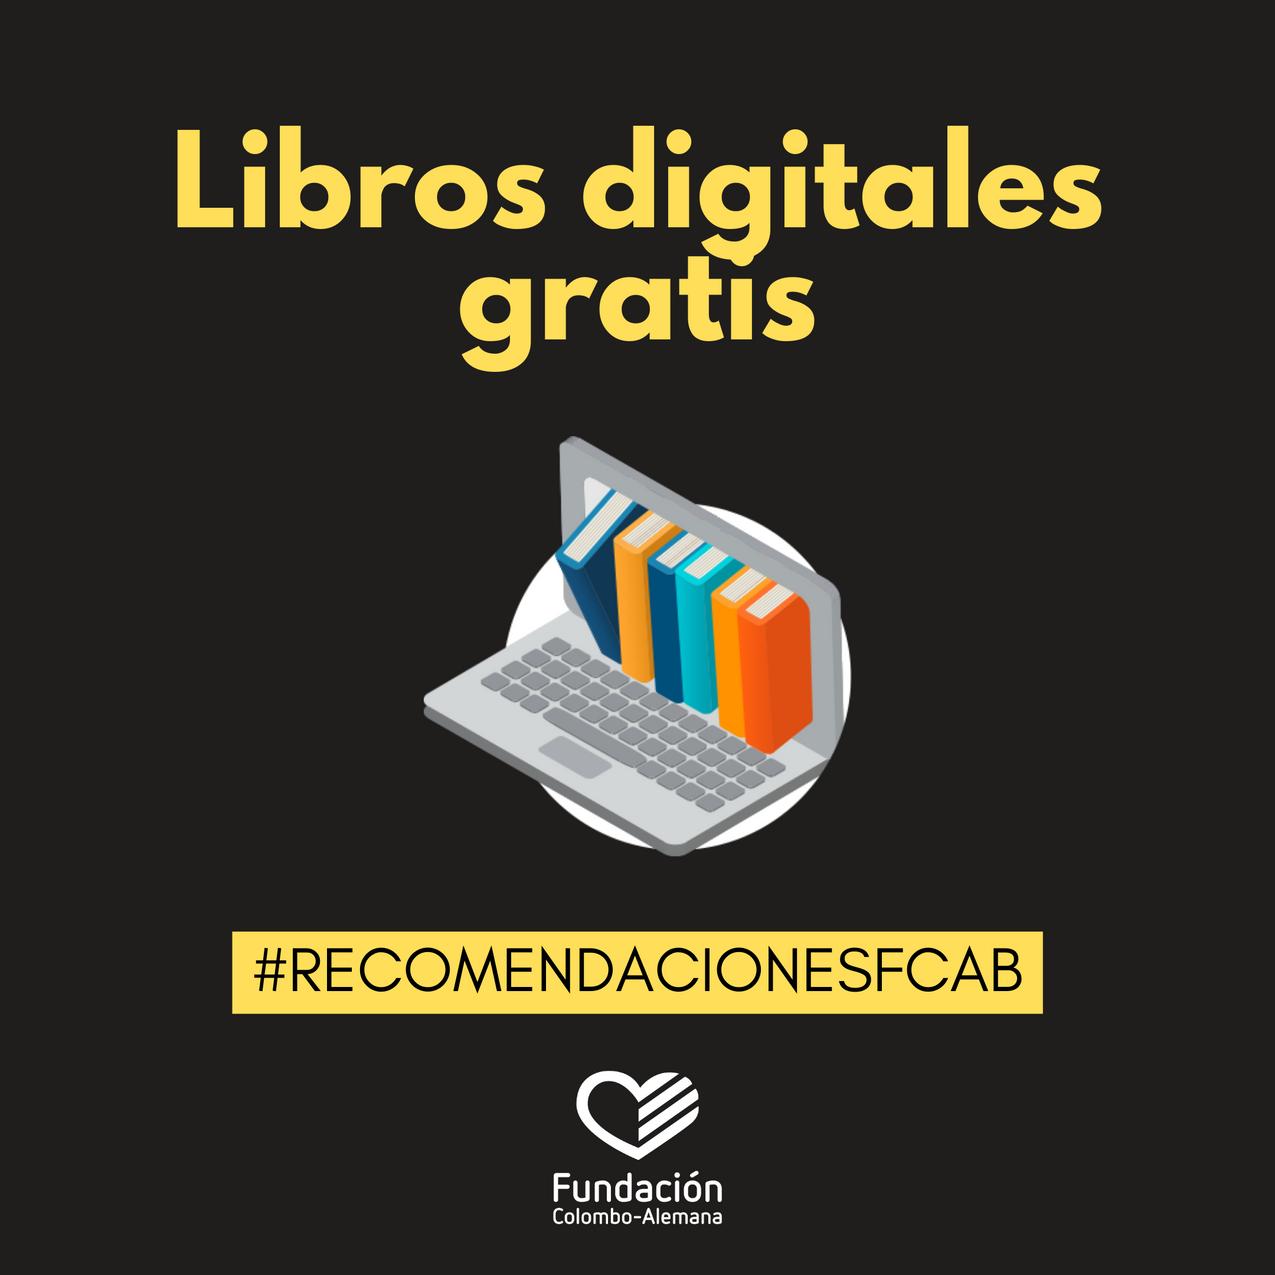 #RecomendacionesFCAB